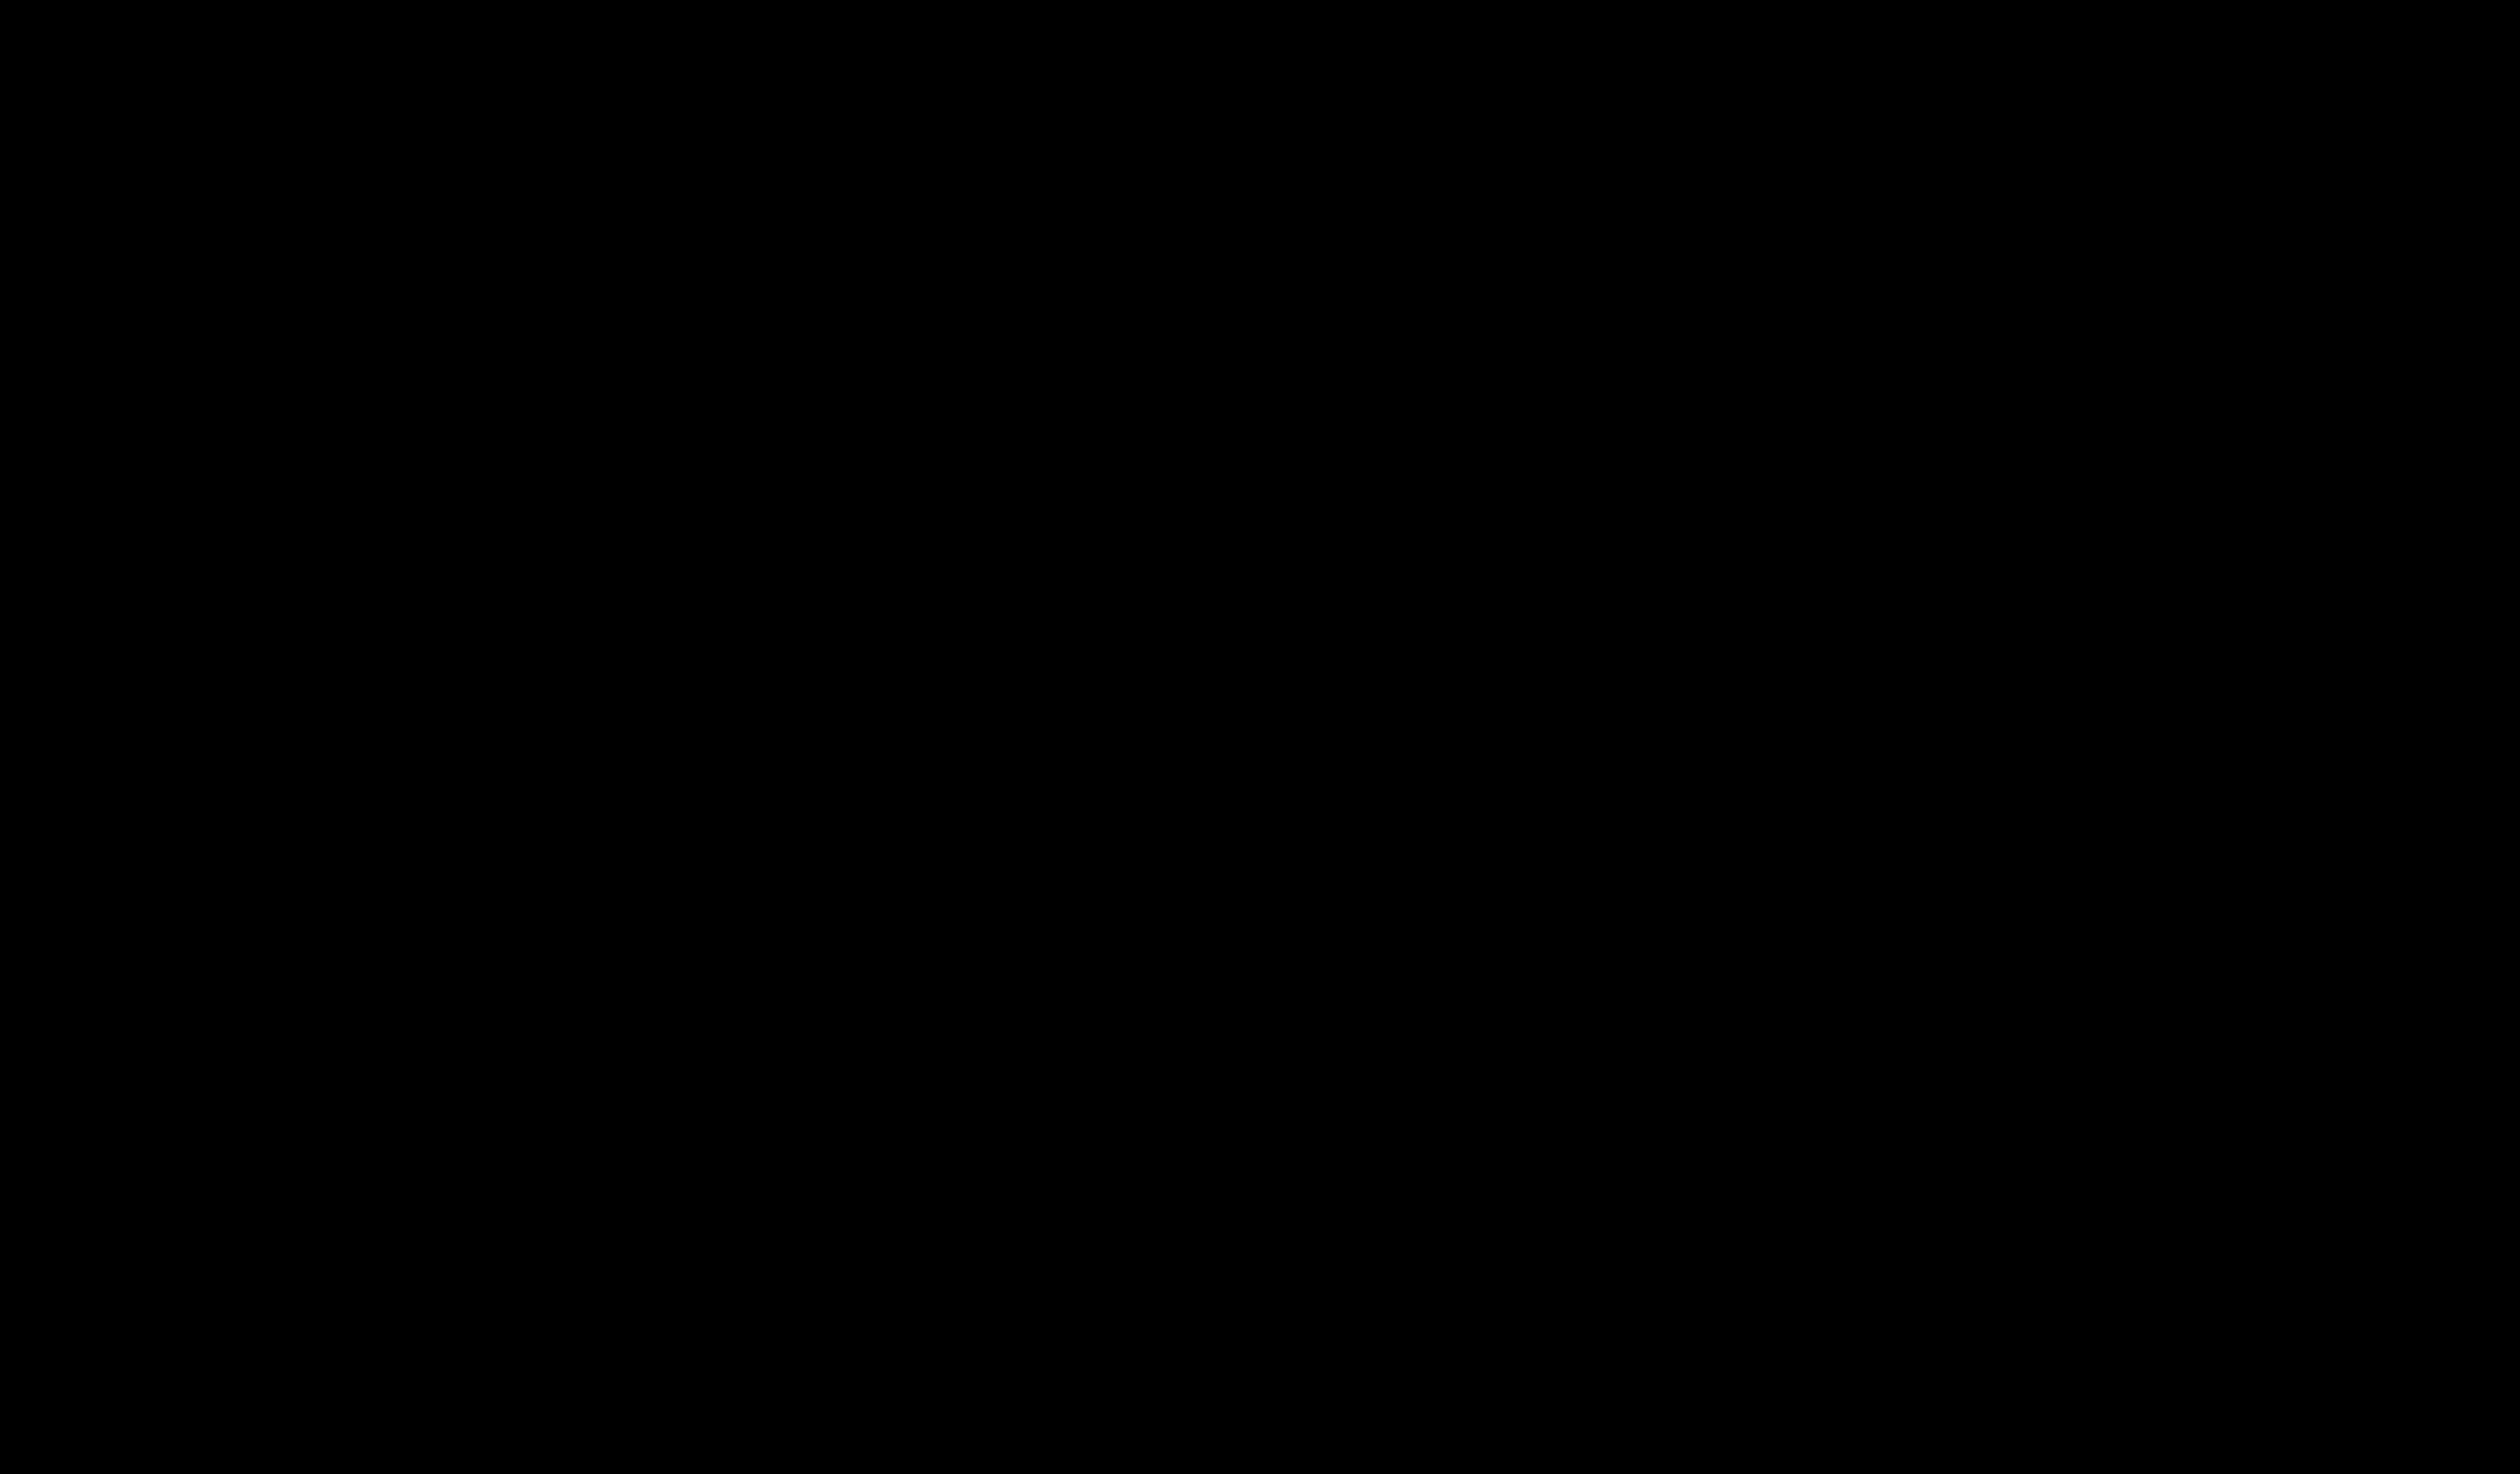 Cave2luxx #1